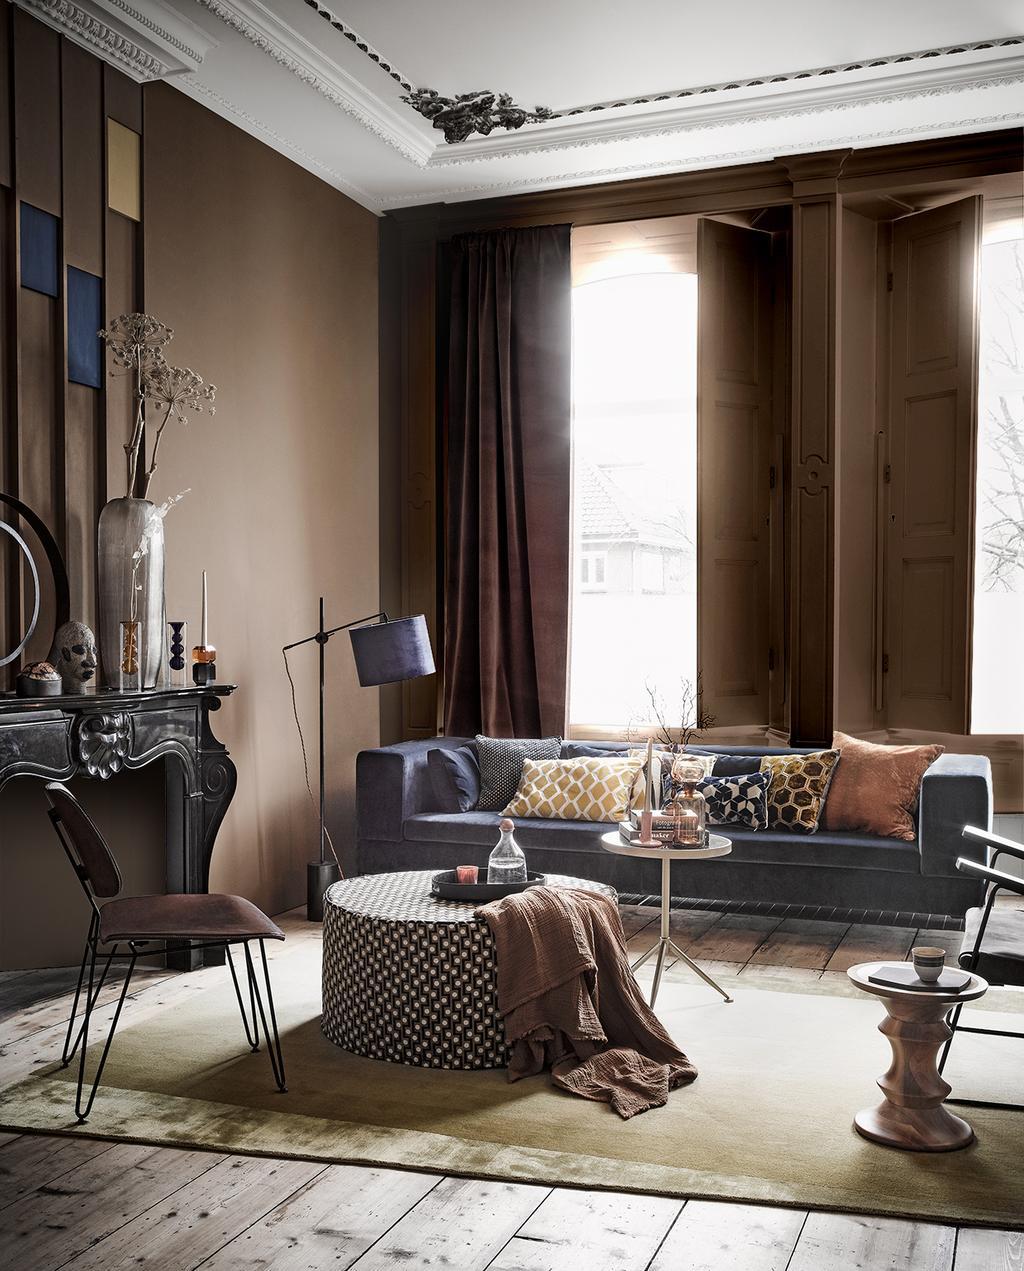 vtwonen 03-2020 stof verf & behang | woonkamer suede blauwe bank gedecoreerd met warme bruin tinten